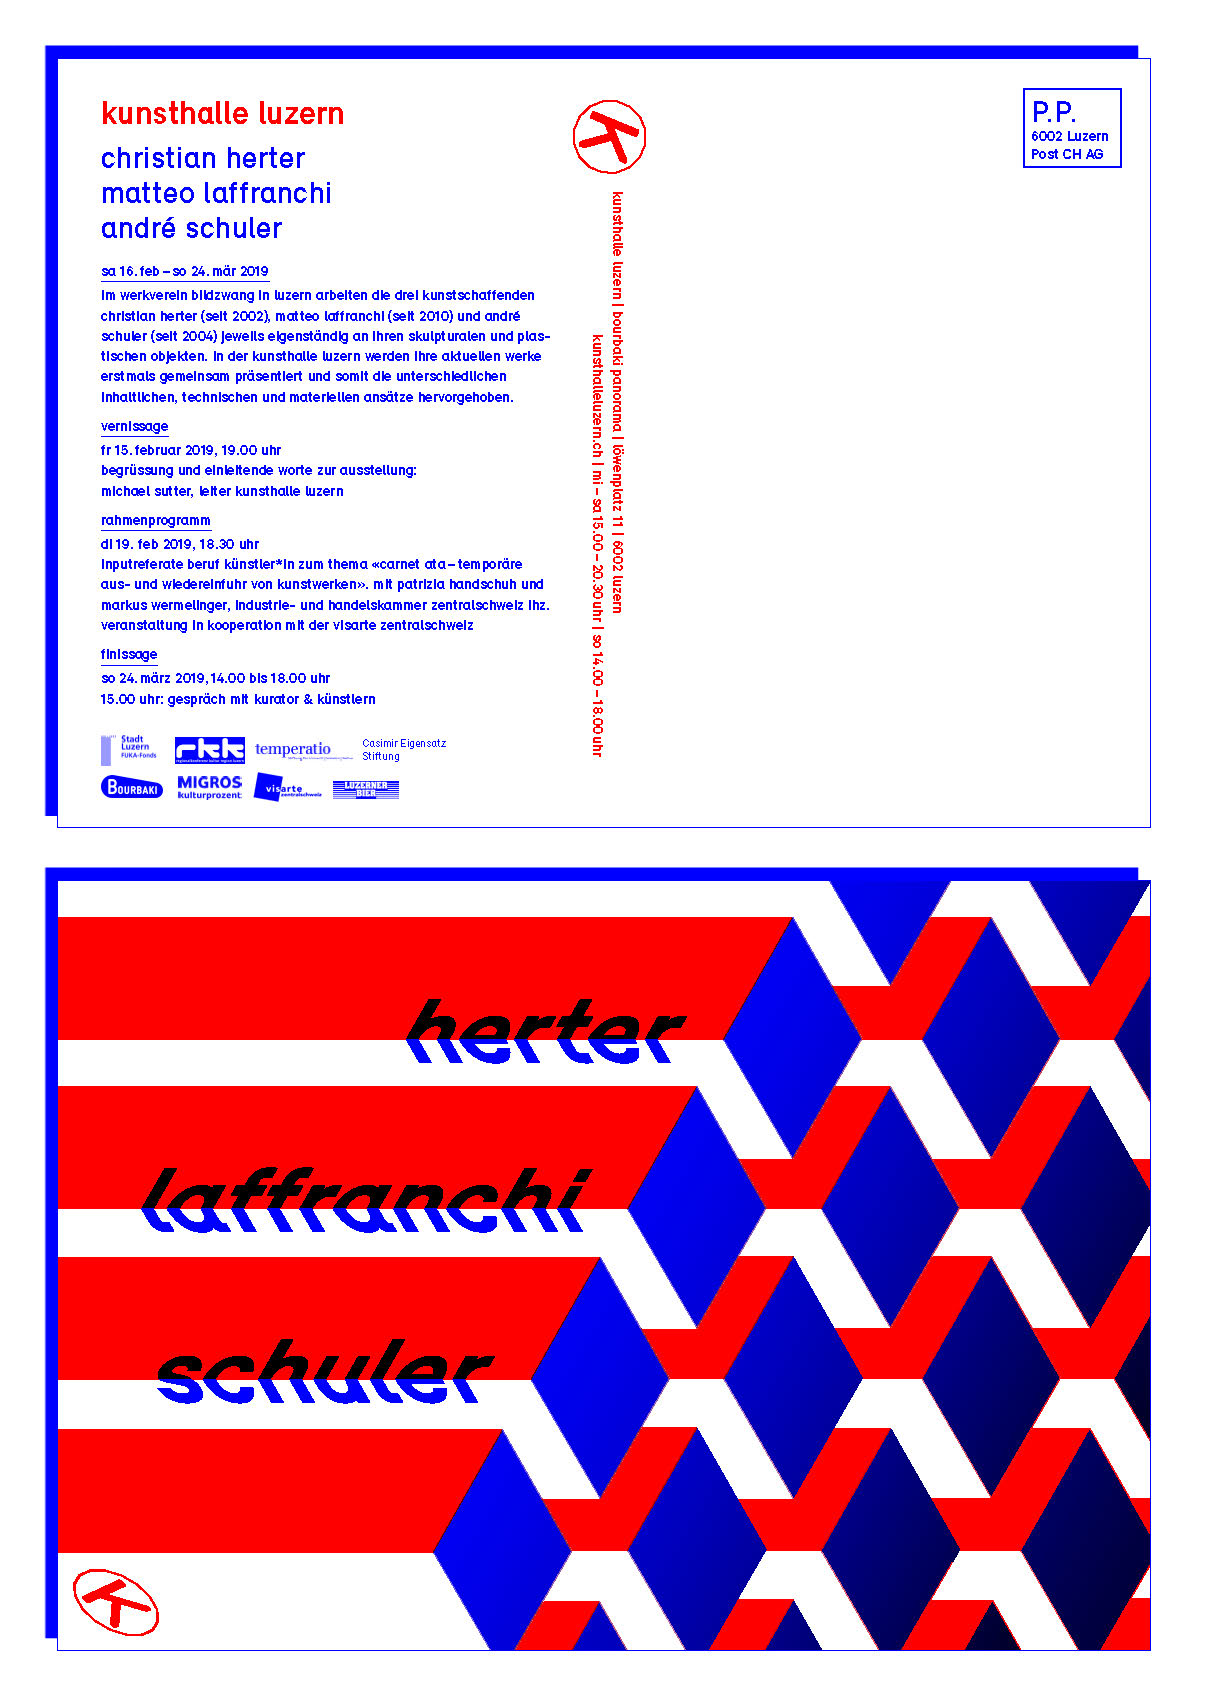 Herter-Laffranchi-Schuler